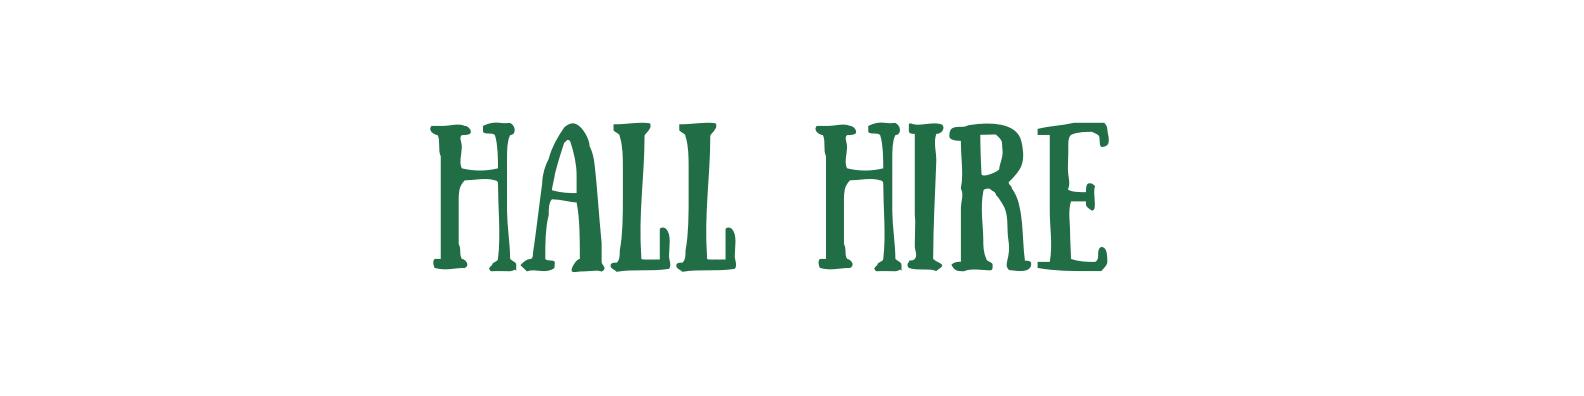 Green and Cream Brushstroke Assistant Professor LinkedIn Banner (44)